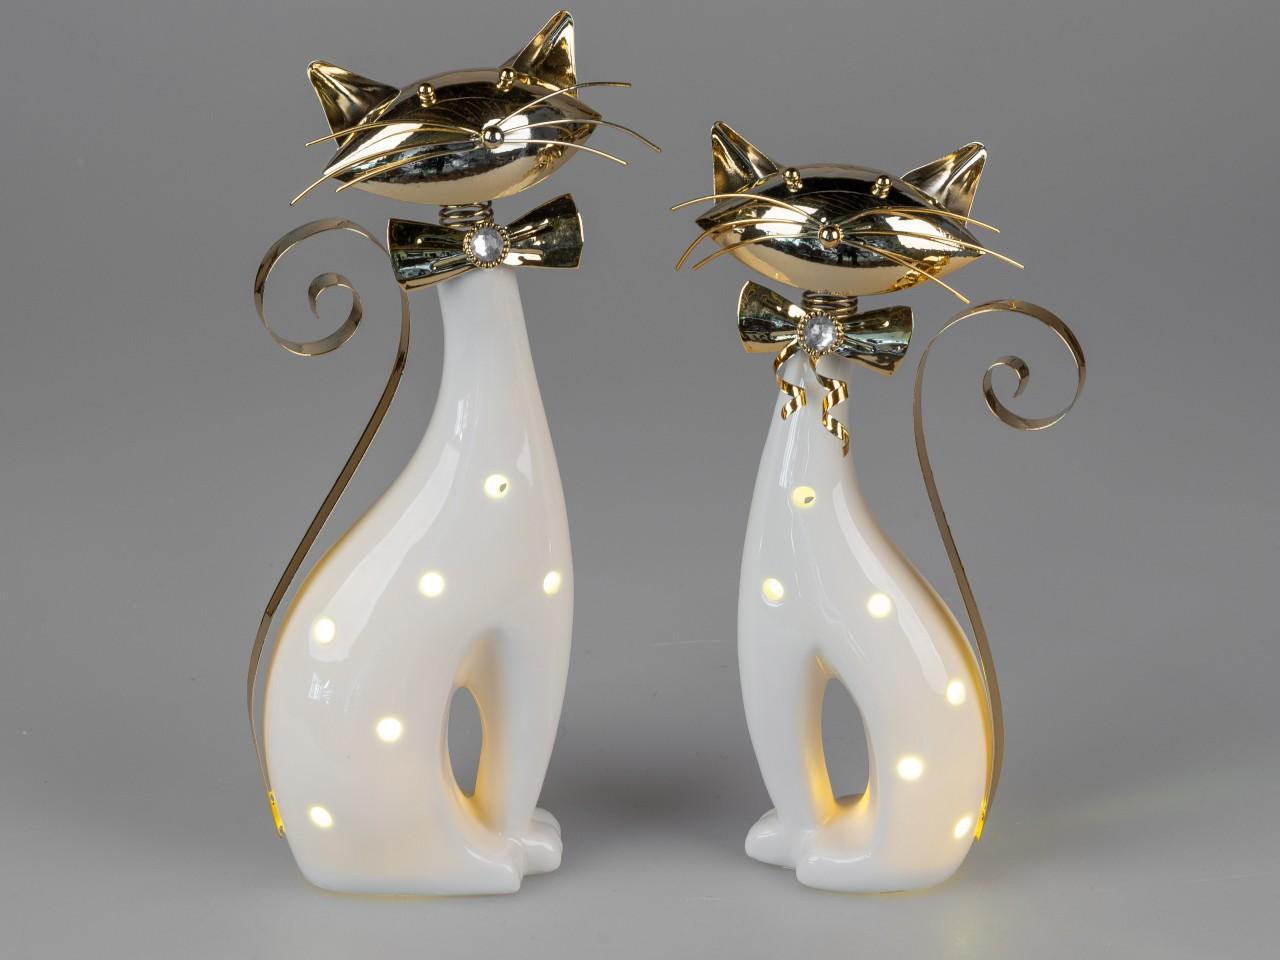 15cm schwarz weiß gold Keramik Formano 2er Set Dekofiguren Spardosen Katzen H